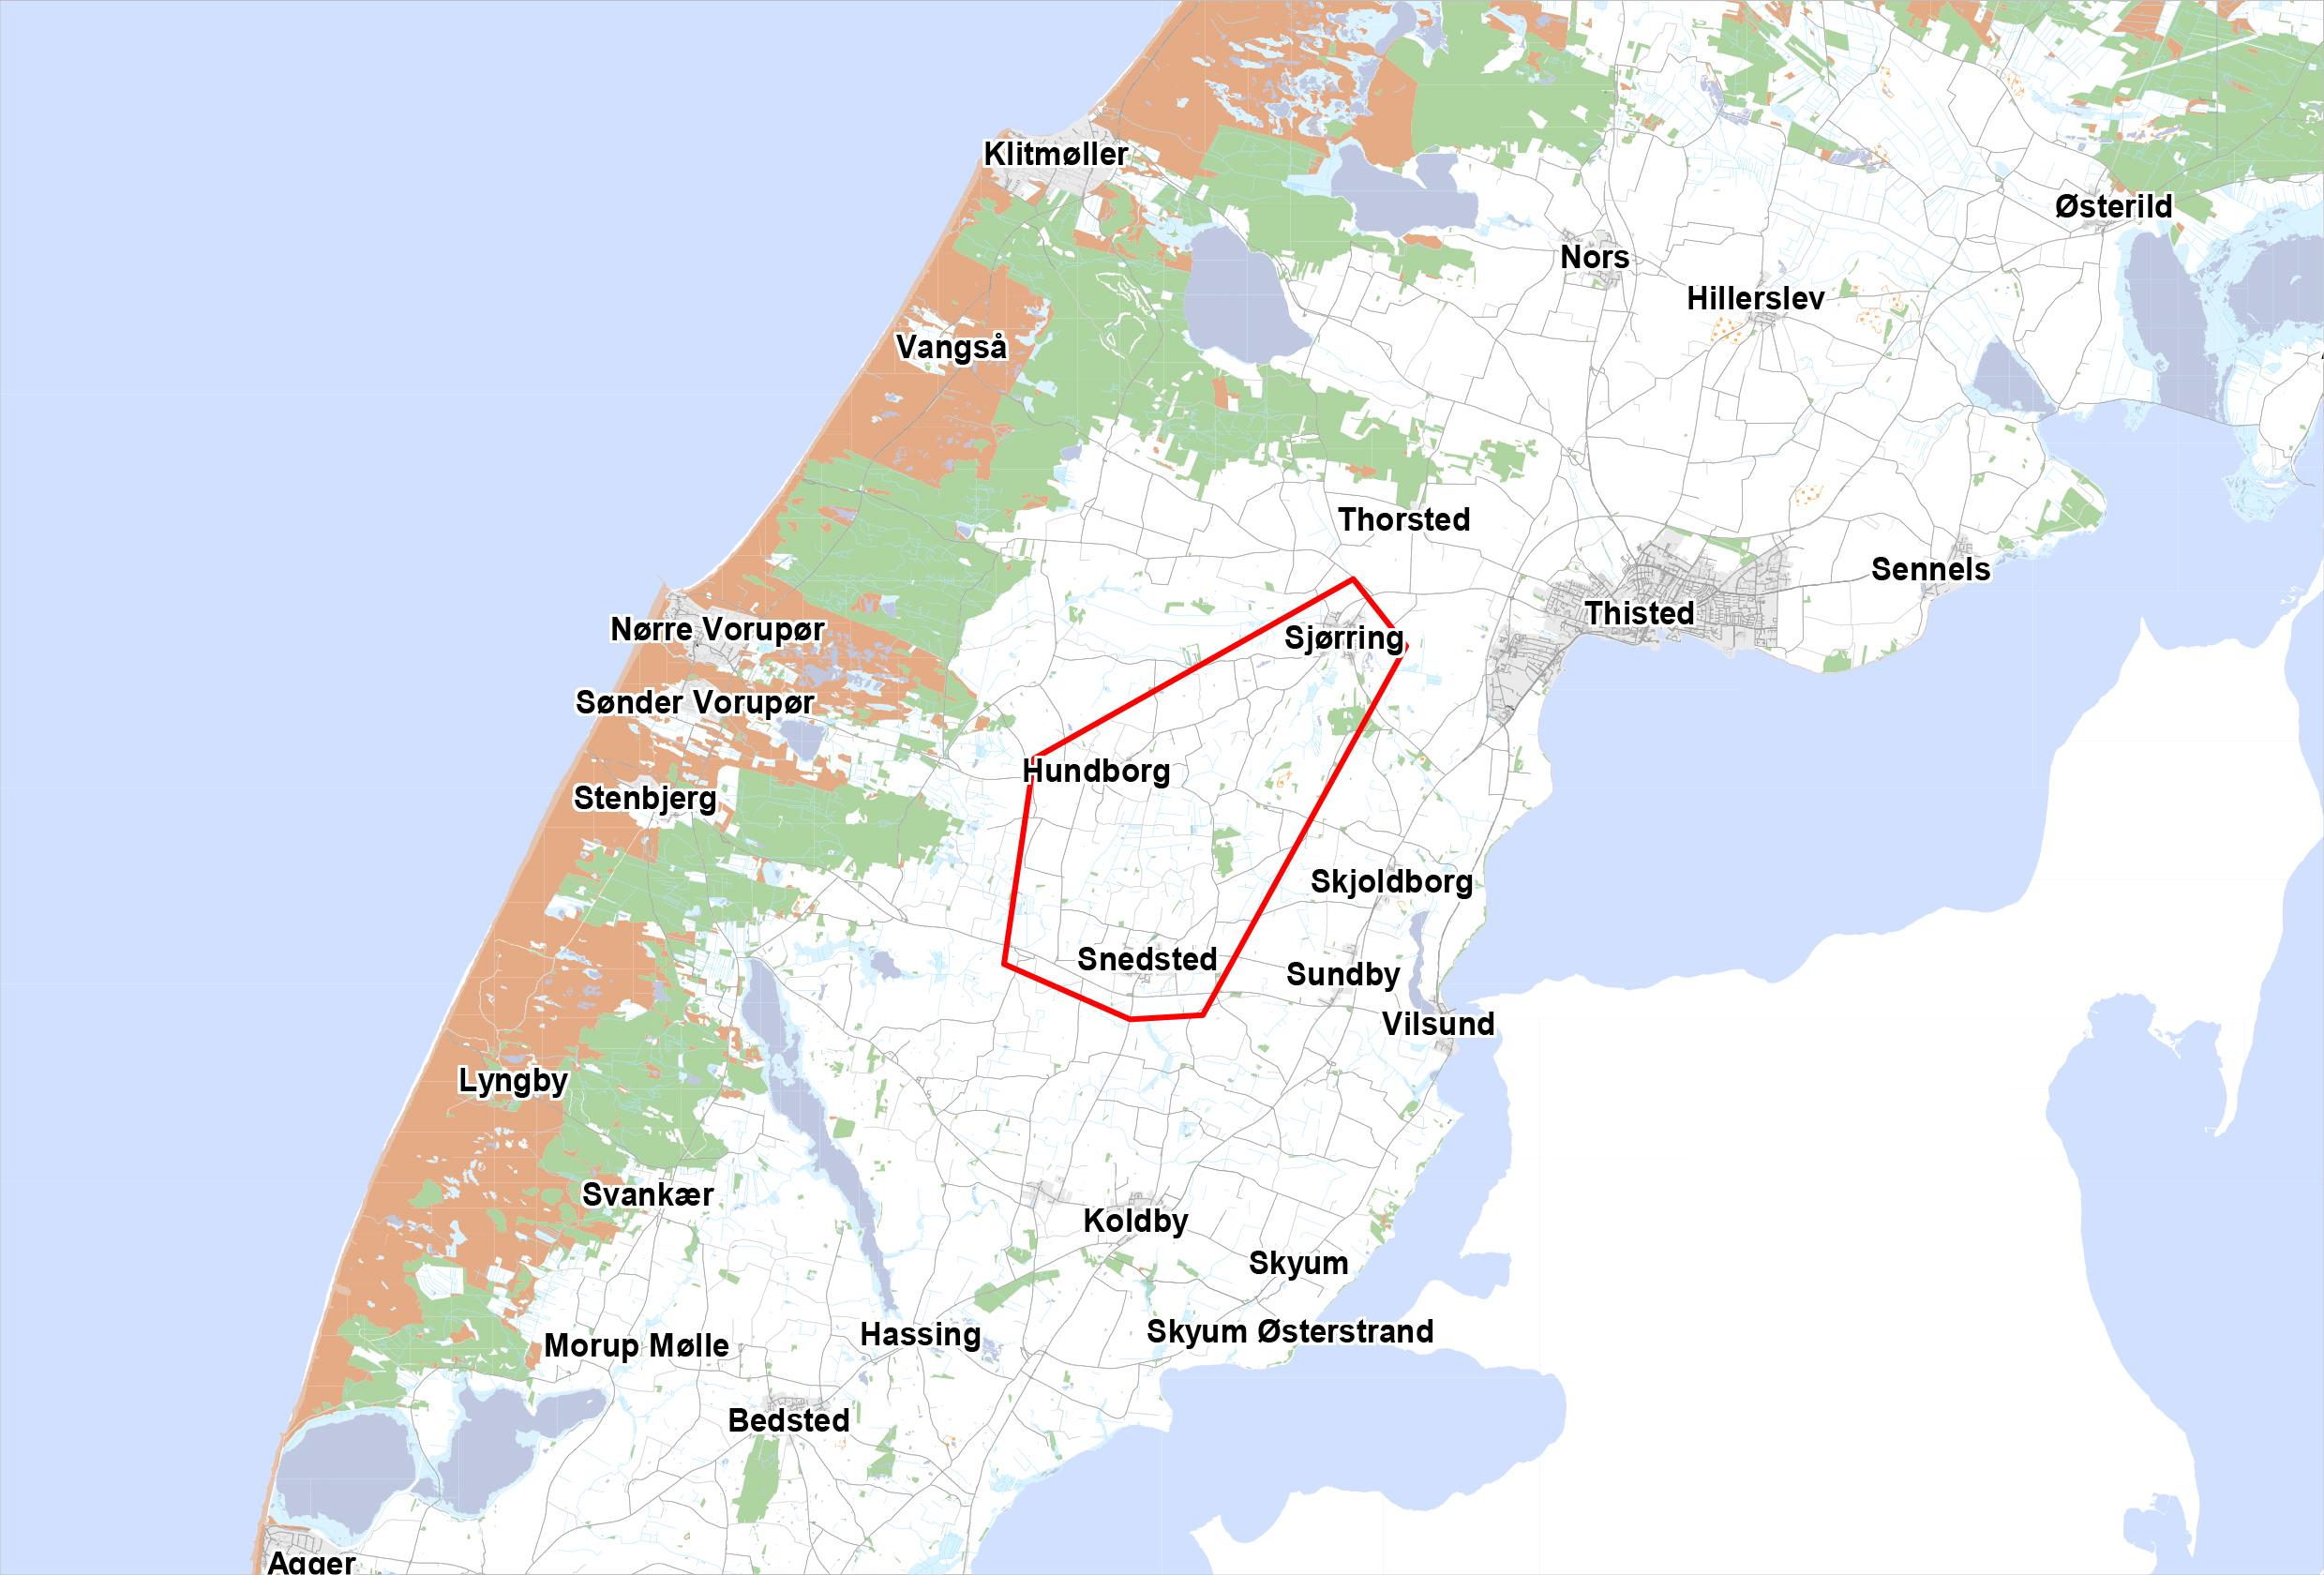 Thisted Omradefornyelse Sjorring Snedsted Og Hundborg